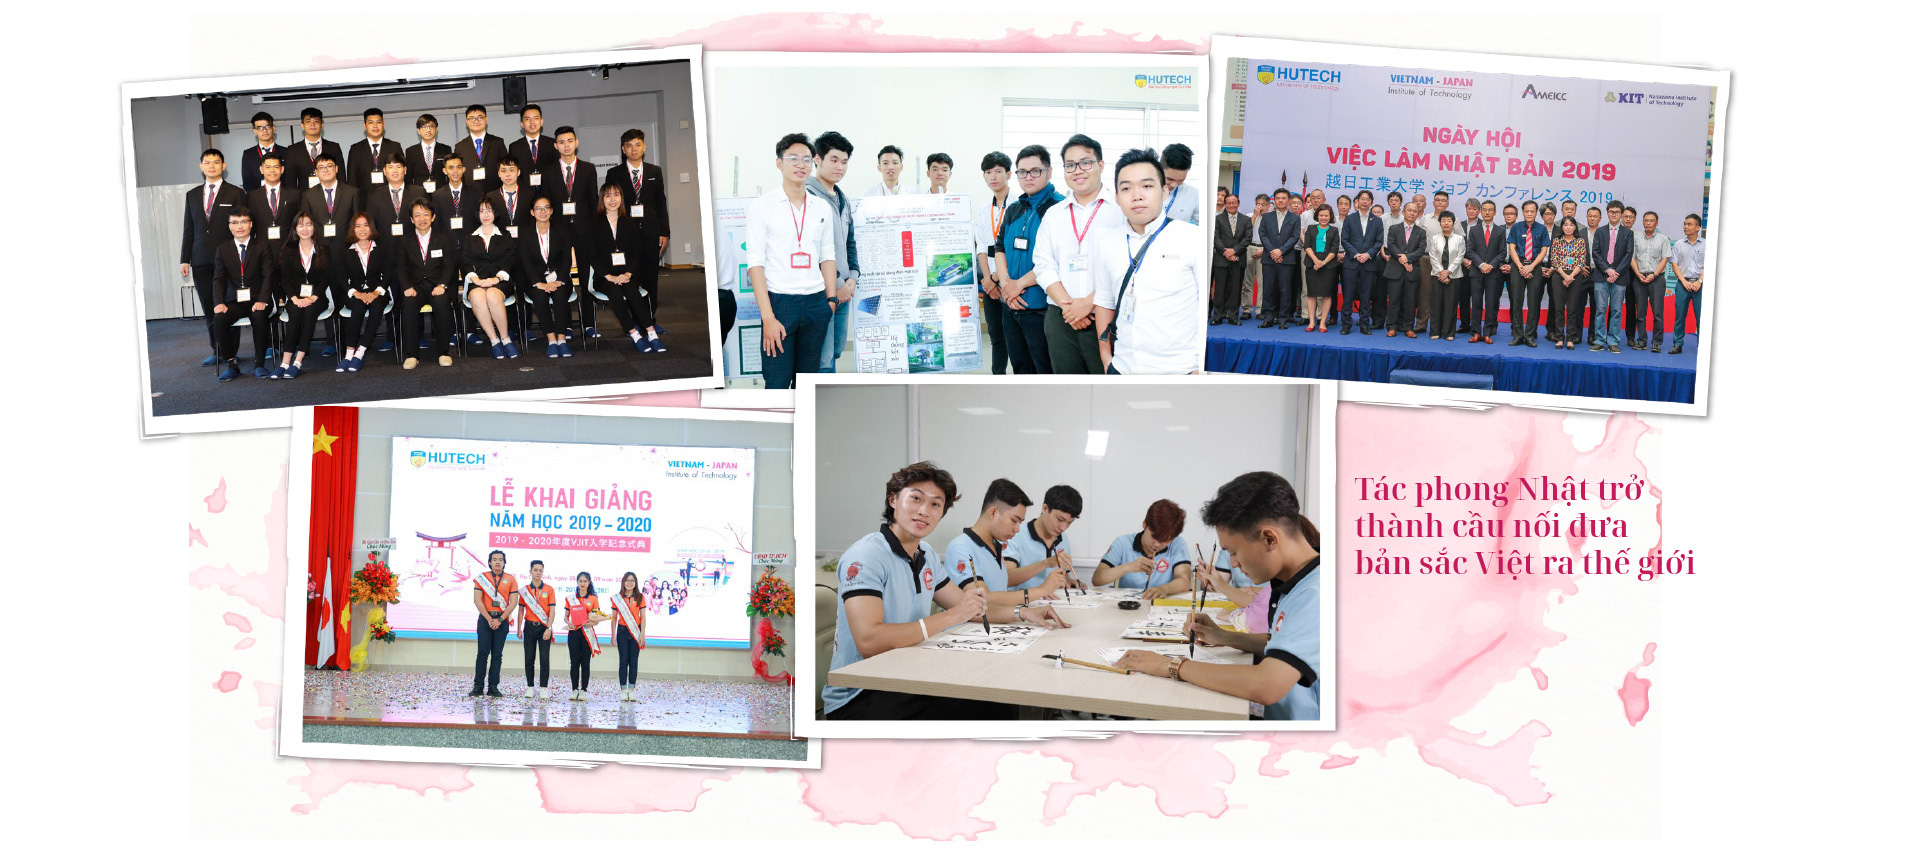 Bản sắc Việt & tác phong Nhật: Giá trị chương trình Đại học chuẩn Nhật Bản - Ảnh 3.